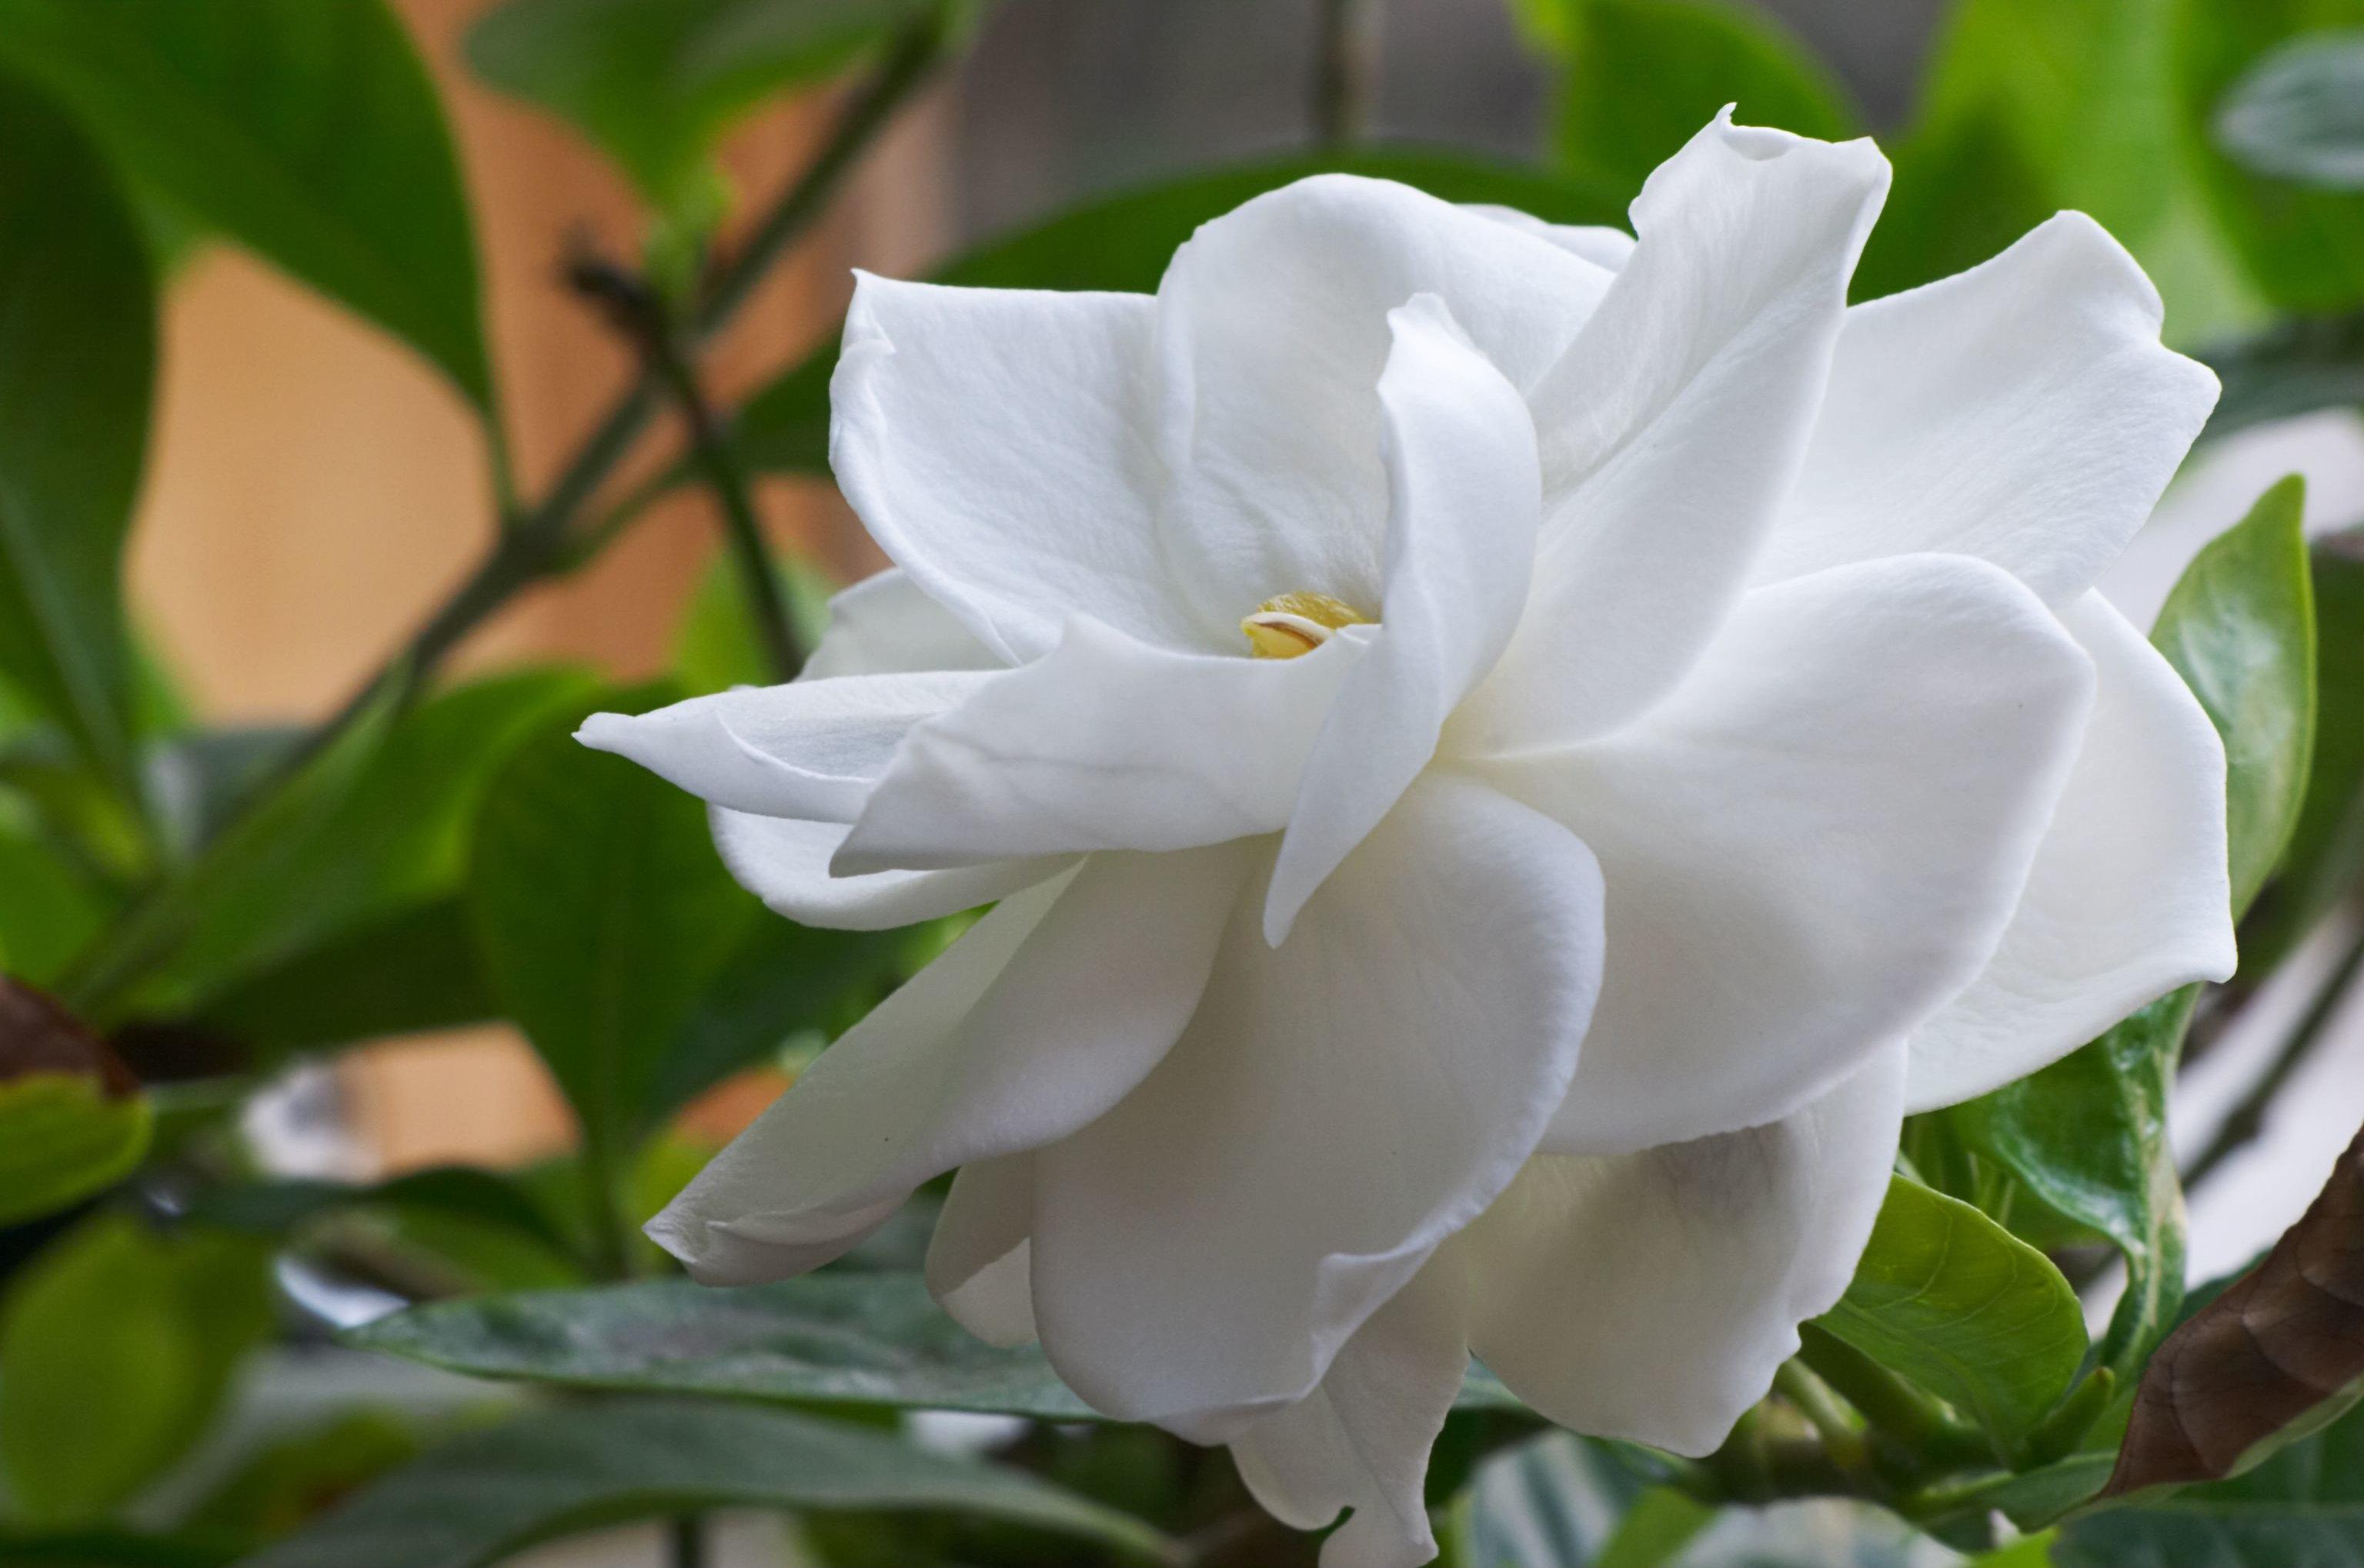 Dailus gardenijos žiedas iš arti